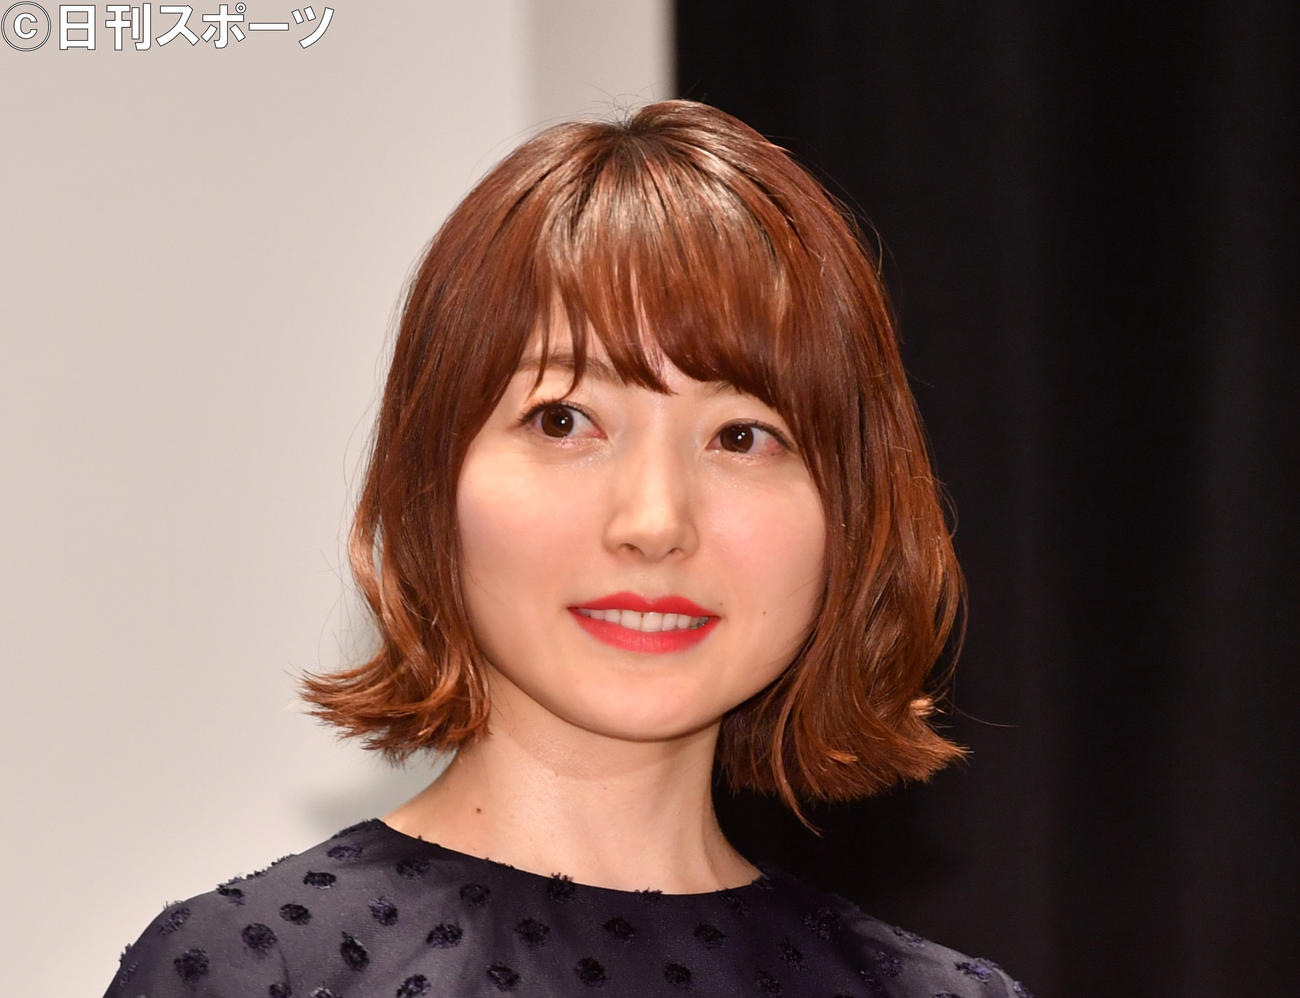 香菜 結婚 花澤 31歲花澤香菜宣布結婚,對方是與她交往了3年的同行,人氣不及她